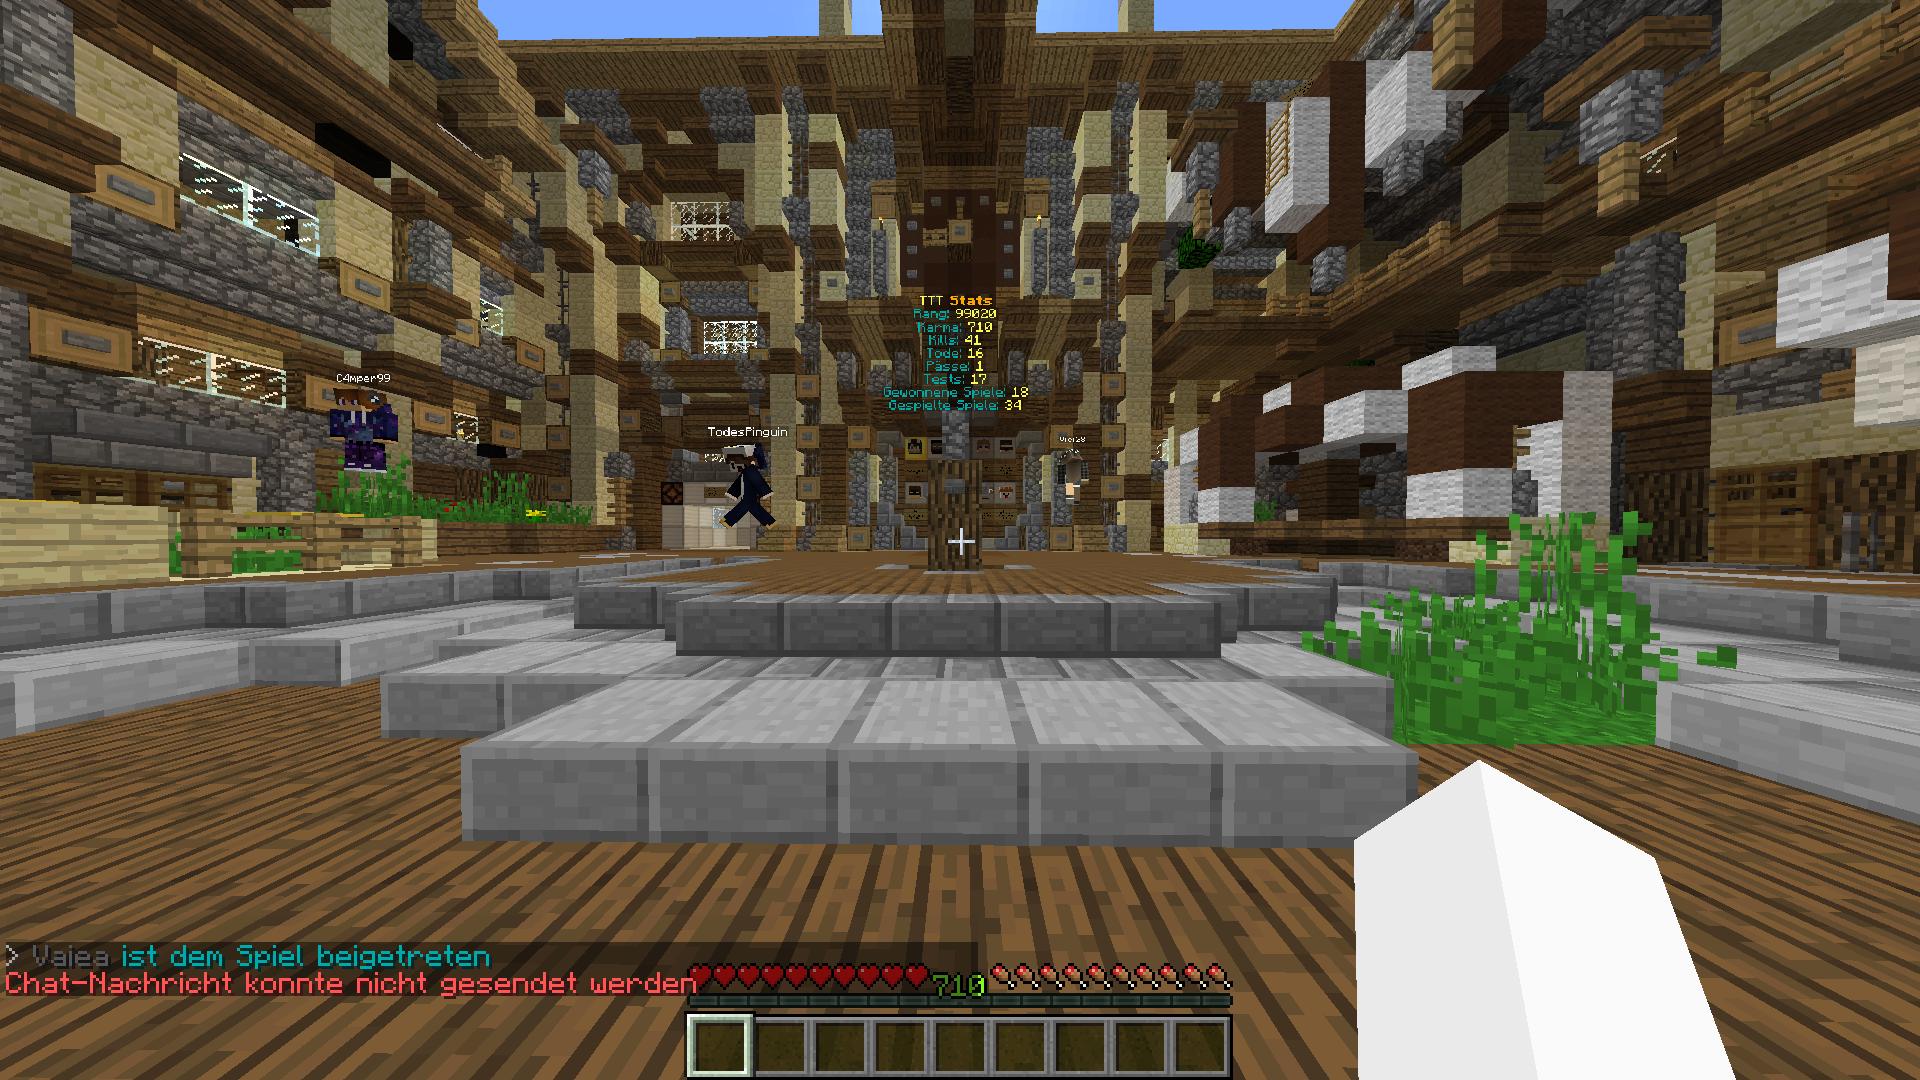 Erledigt Chatban Oder Bug GommeHDnet - Minecraft ttt spielen